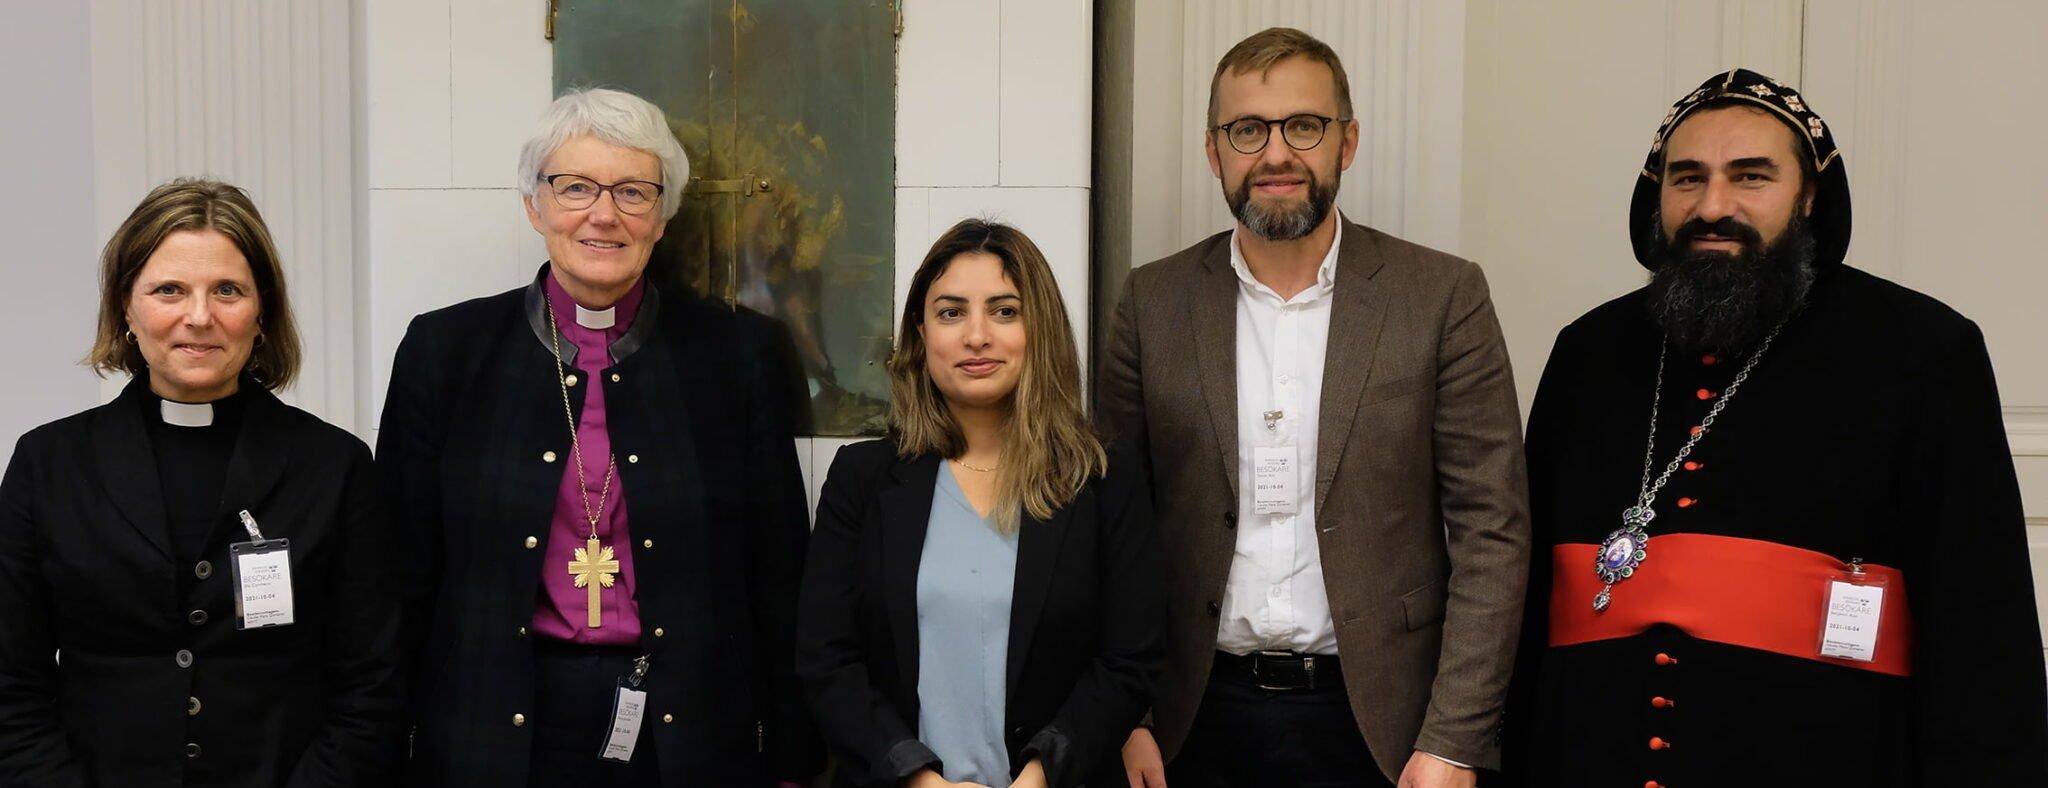 Sveriges kristna råds presidium möter Nooshi Dadgostar